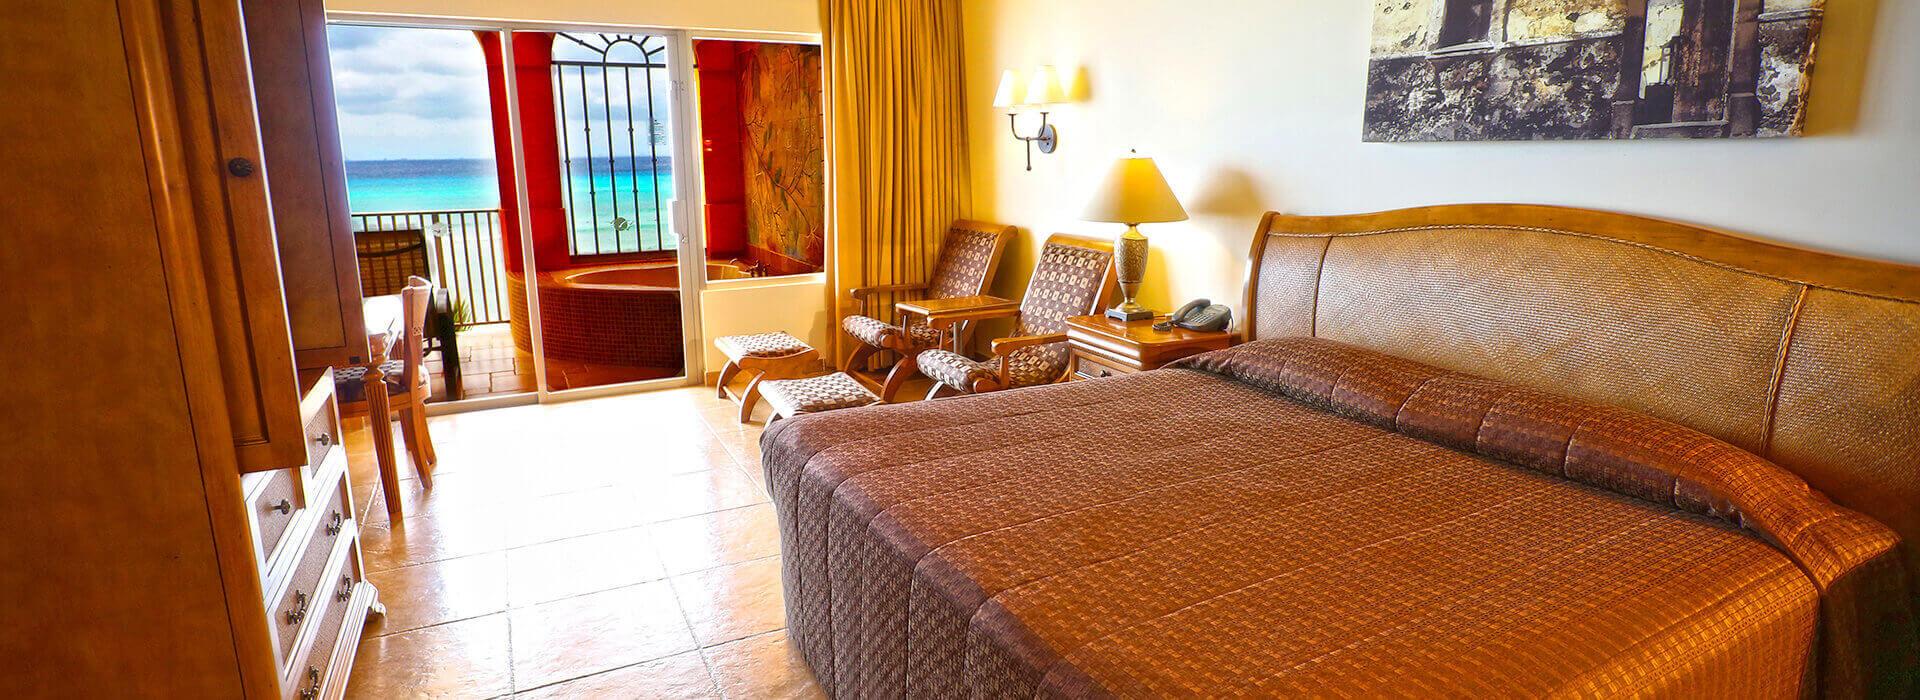 suite frente al mar con cama king size